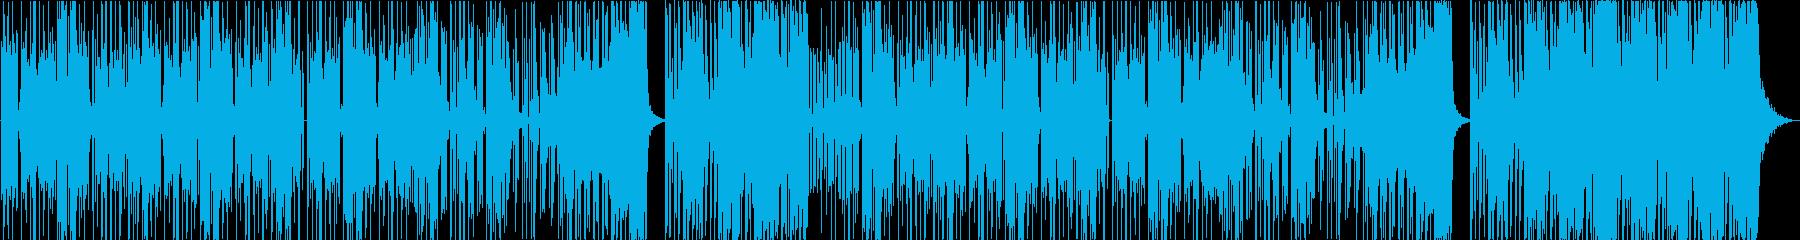 クールなテクノ 【vocal なし】の再生済みの波形